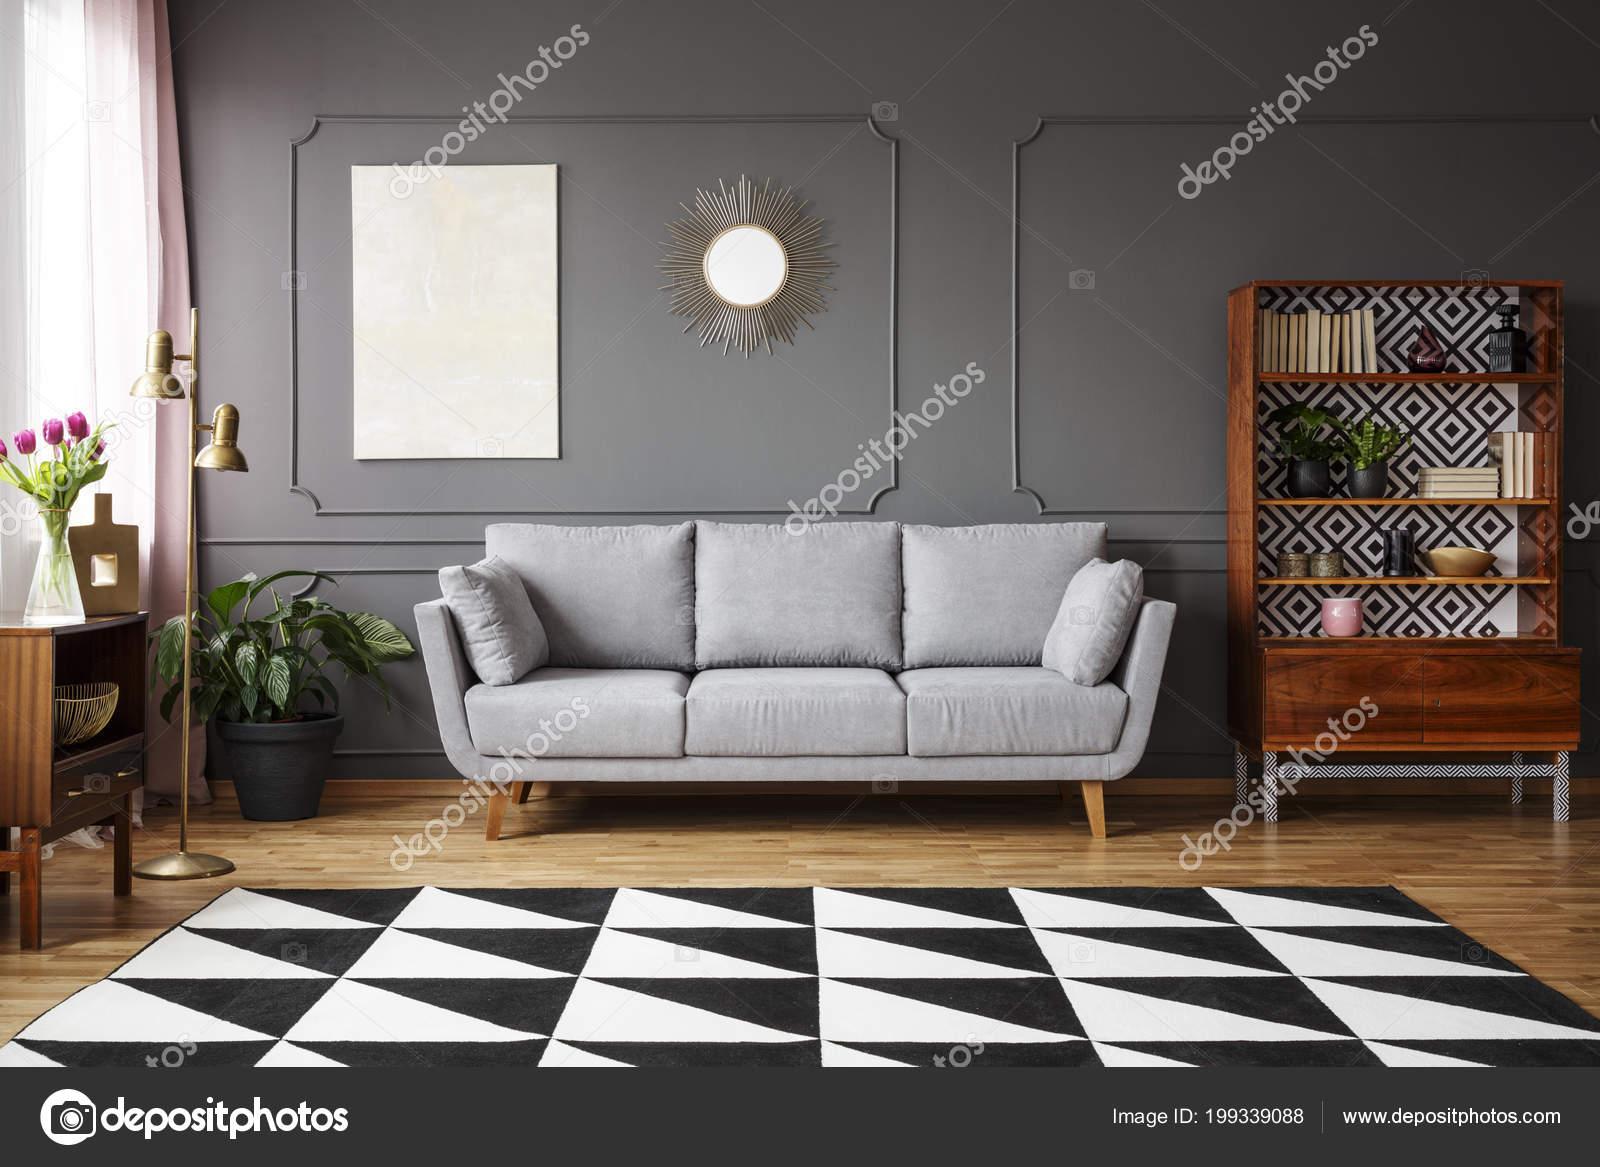 zwart wit tapijt met geometrische patroon vloer donkere woonkamer interieur stockfoto